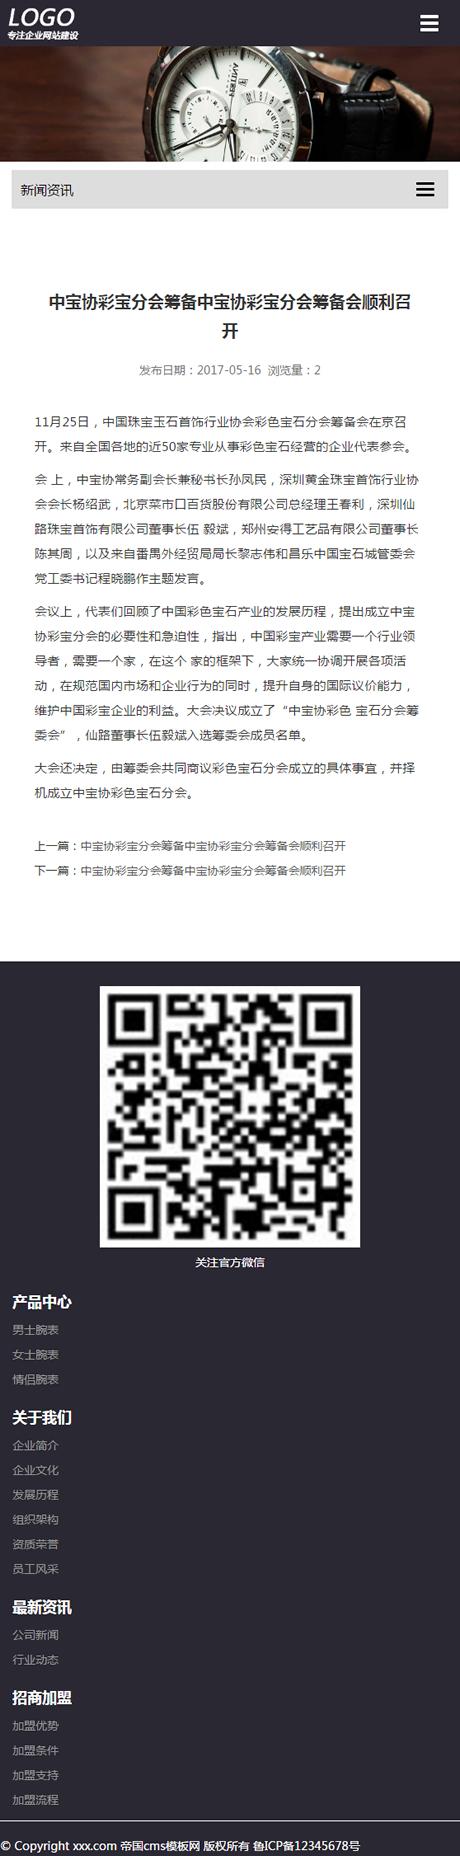 帝国cms自适应企业网站模板黑红色响应式_手机版内容页